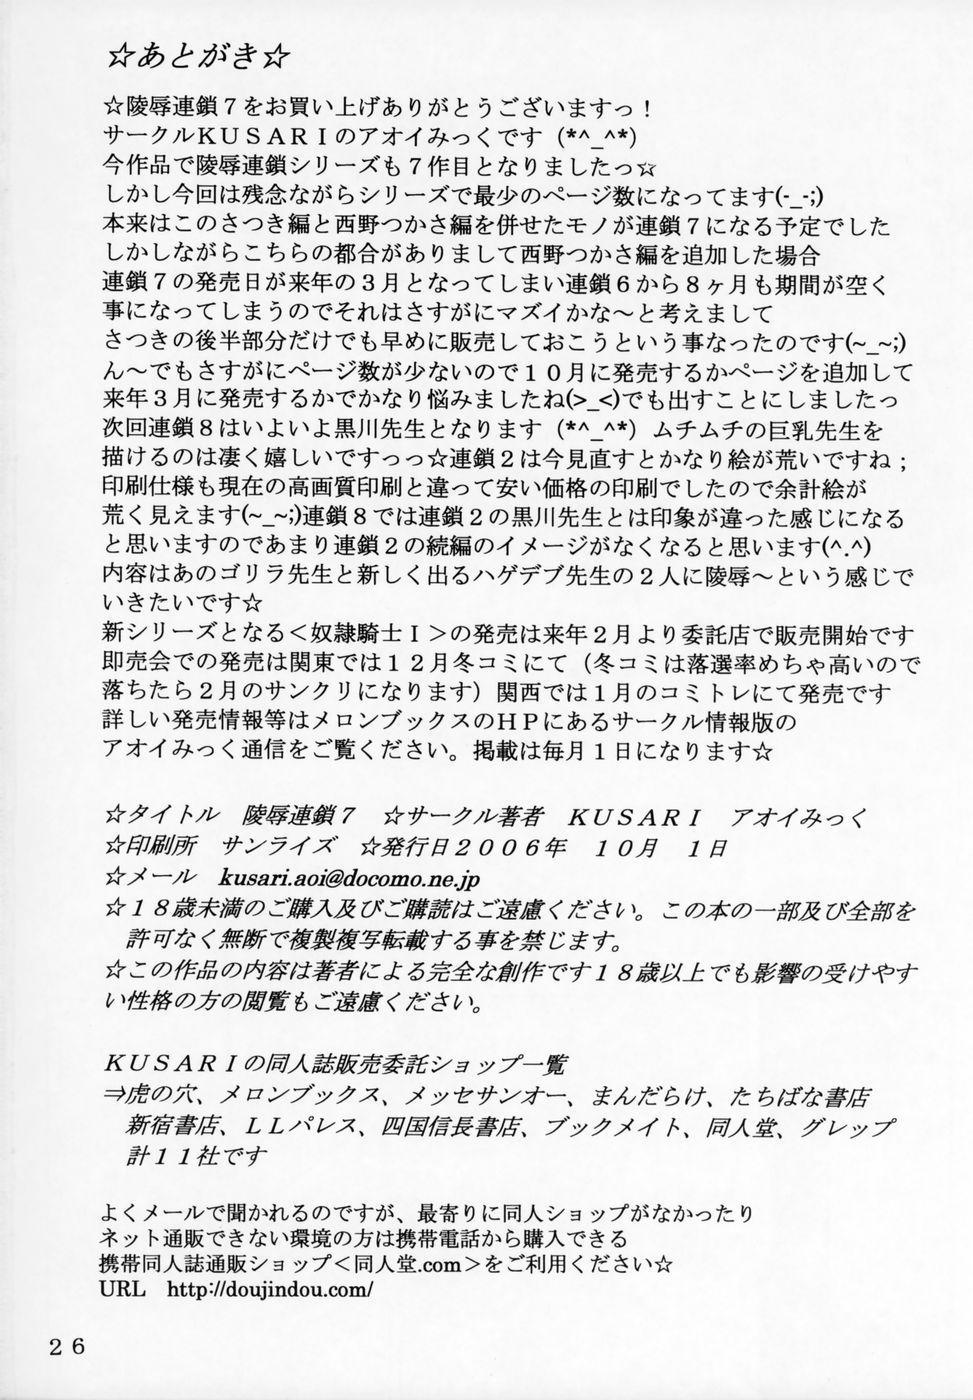 Ryoujoku Rensa 07 24